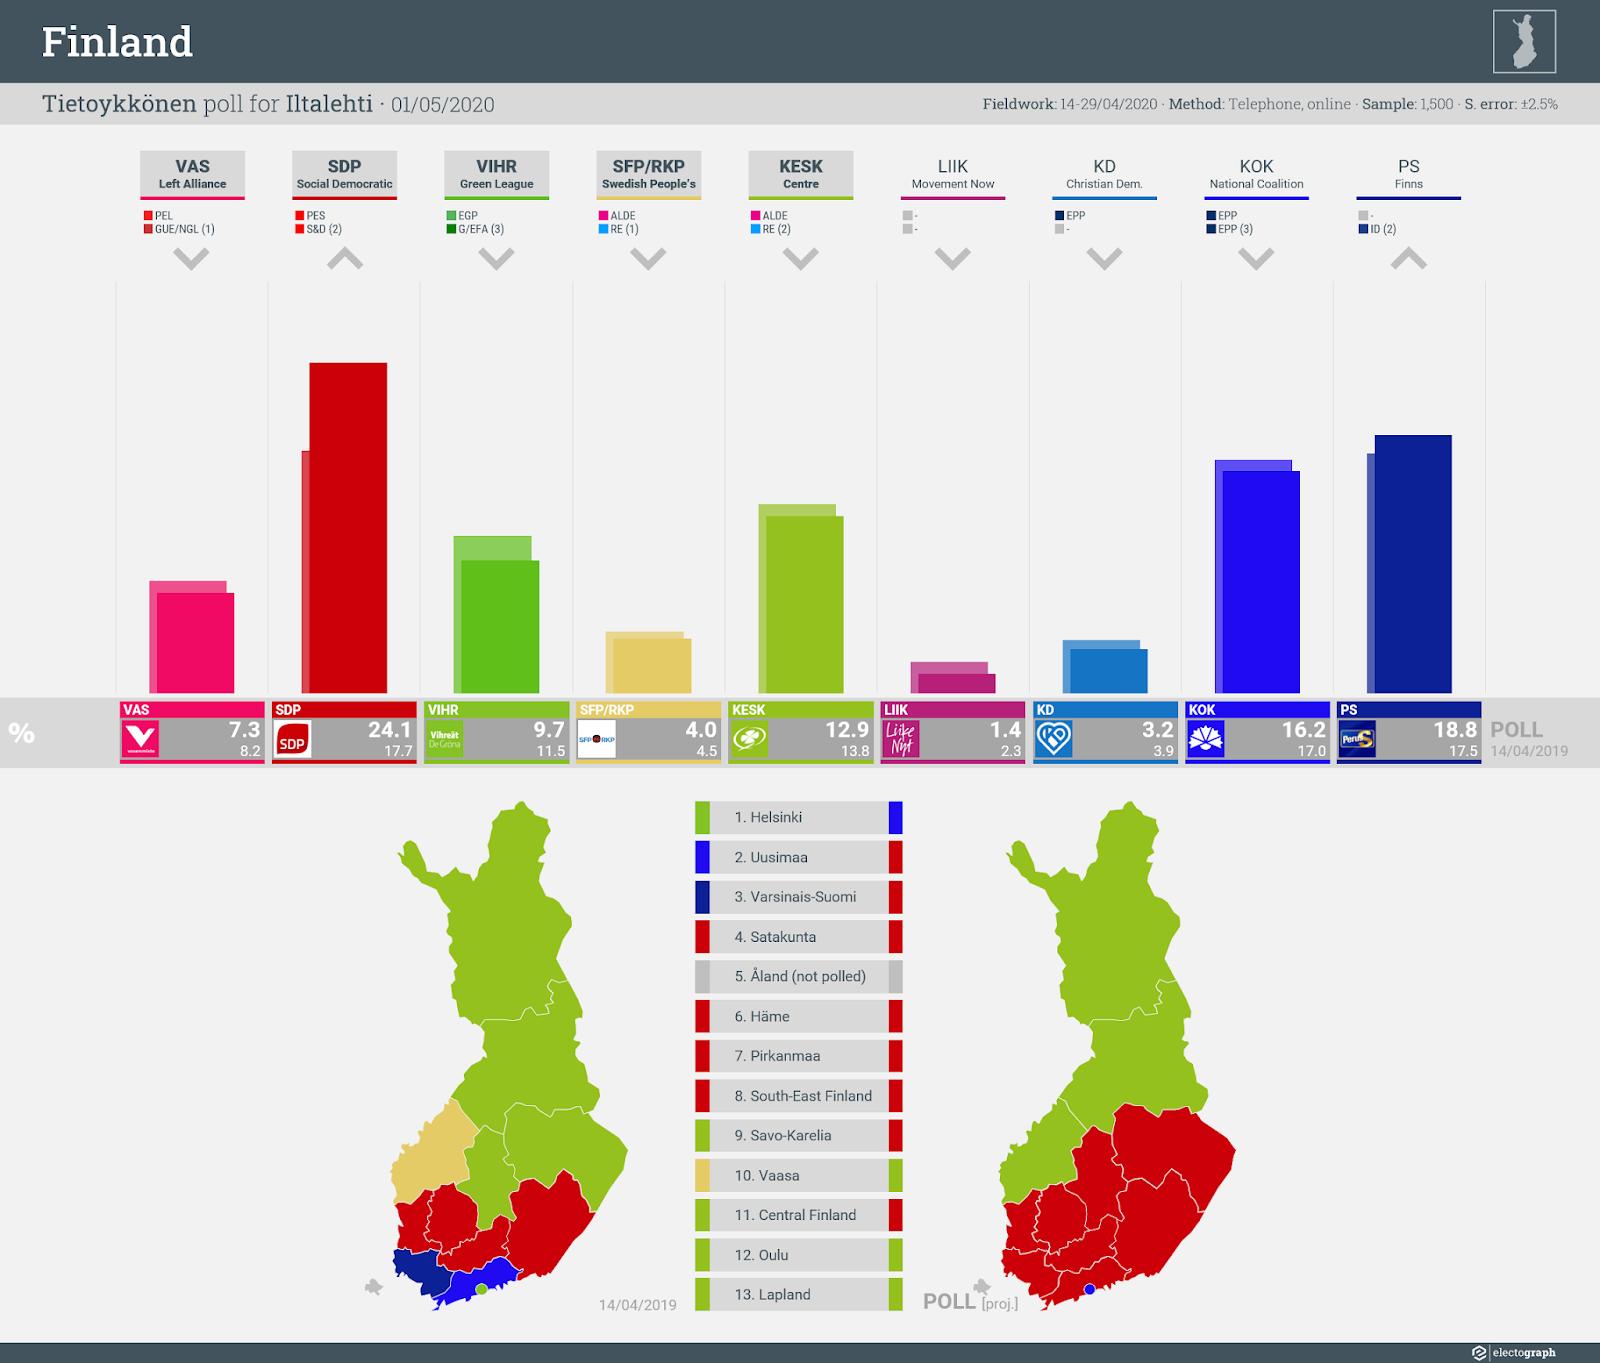 FINLAND: Tietoykkönen poll chart for Iltalehti, 1 May 2020